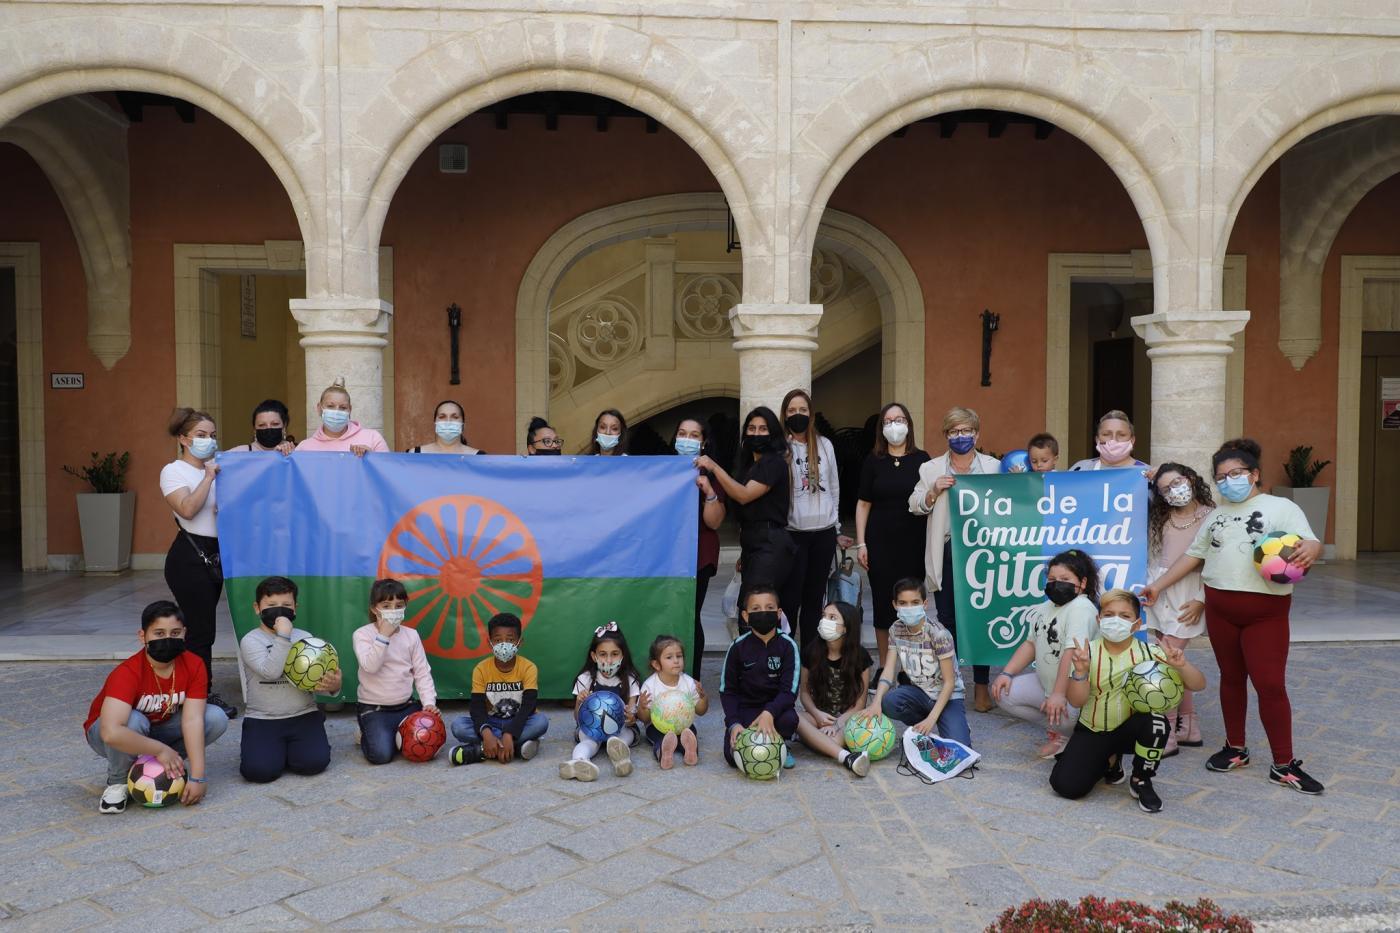 Rota celebra el Día Internacional de la Comunidad Gitana